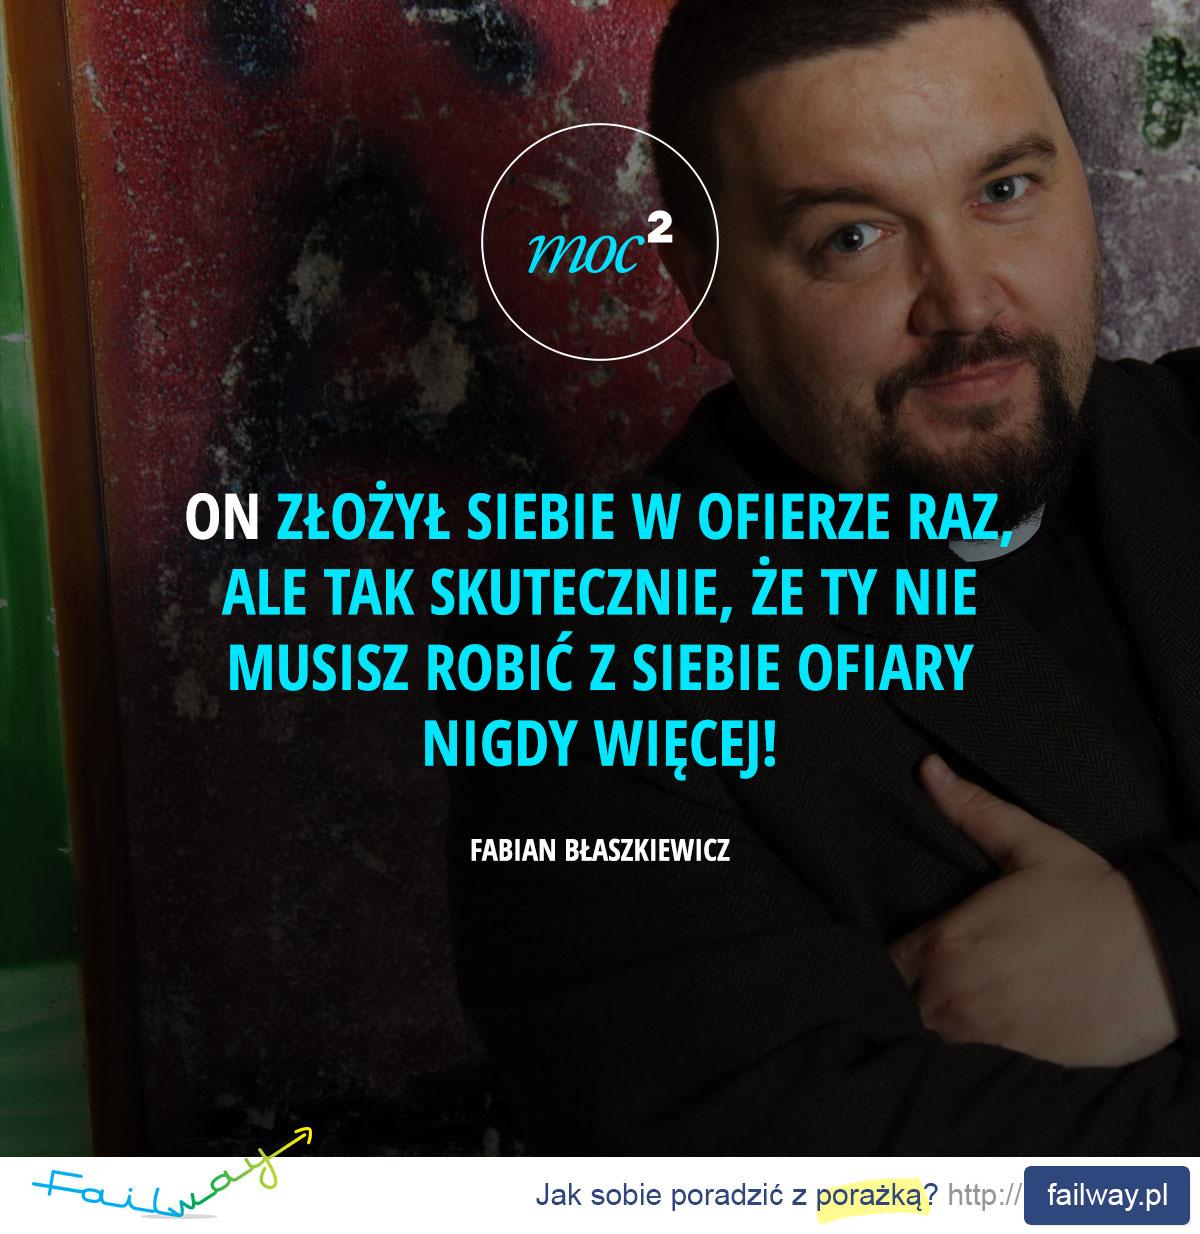 On złożył siebie w ofierze raz, ale tak skutecznie, że Ty nie musisz robić z siebie ofiary nigdy więcej! - Fabian Błaszkiewicz